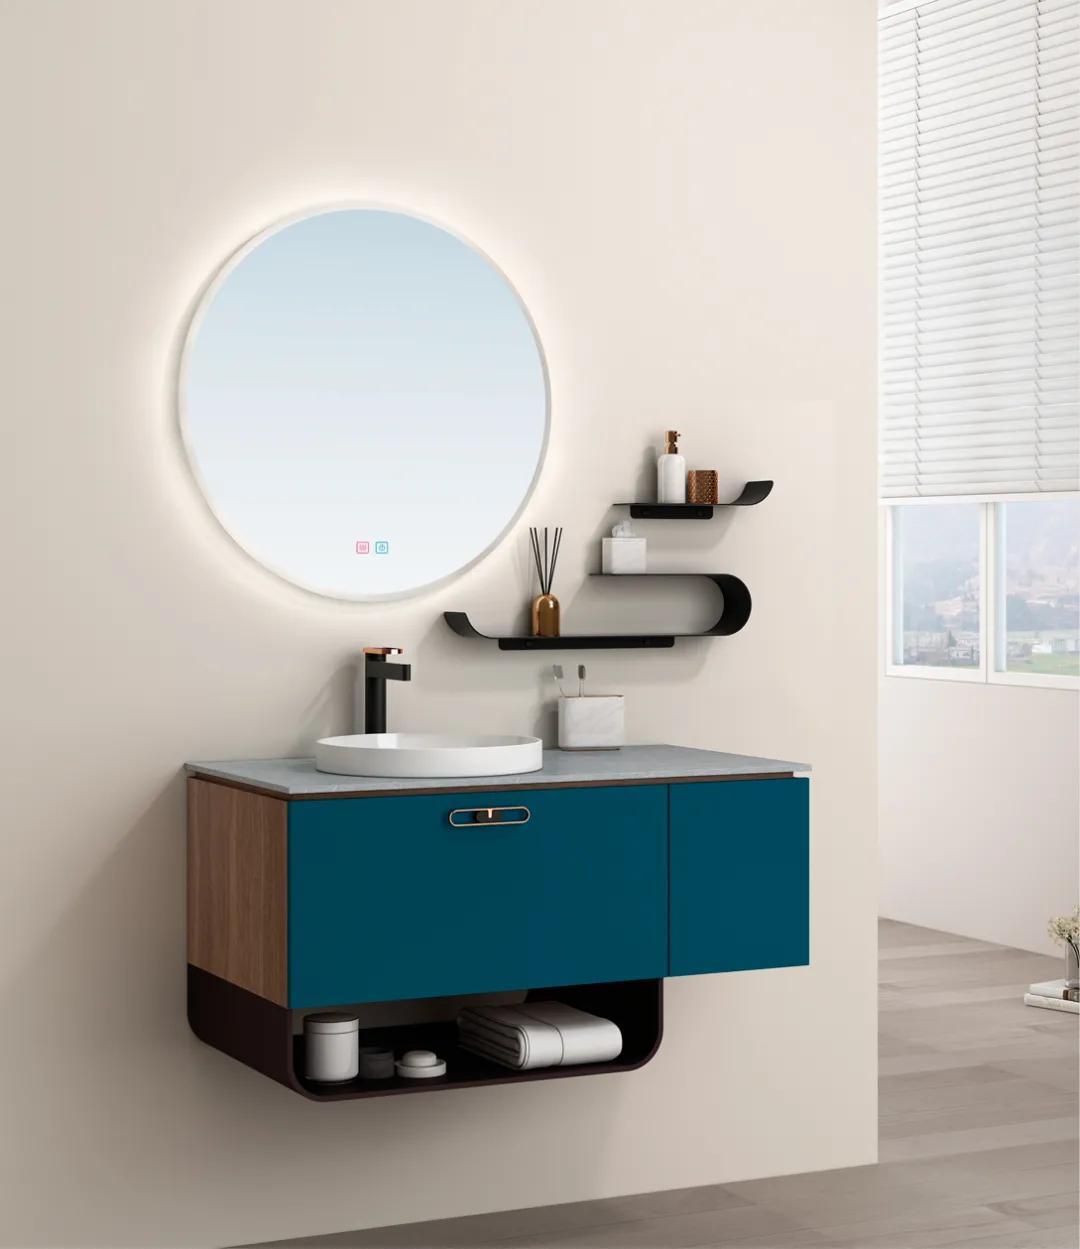 测评|金鲨银鲨月夜浴室柜:看得见的美,摸得着的质感